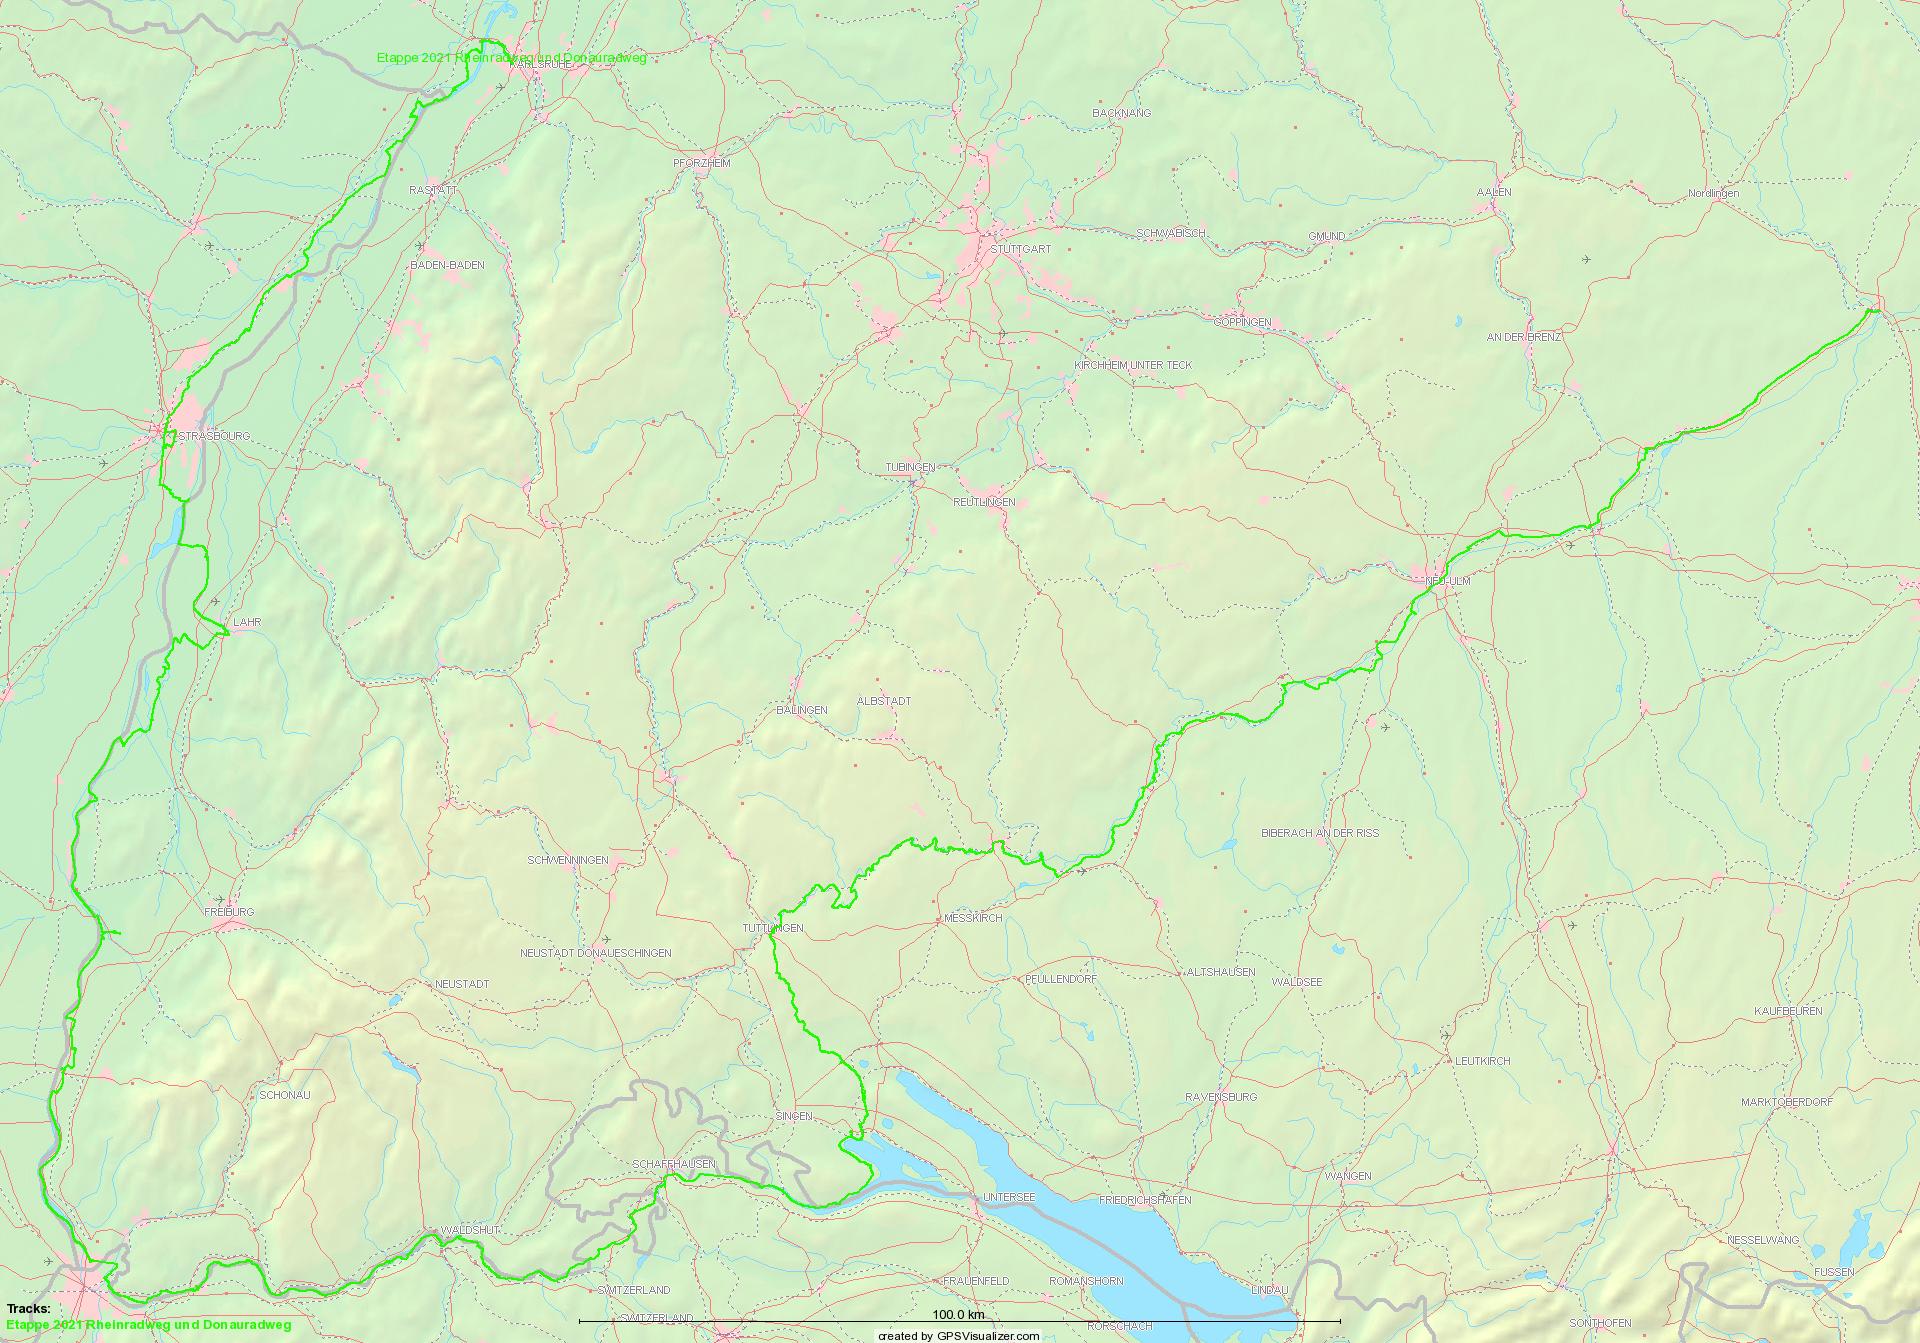 Rheinradweg und Donau